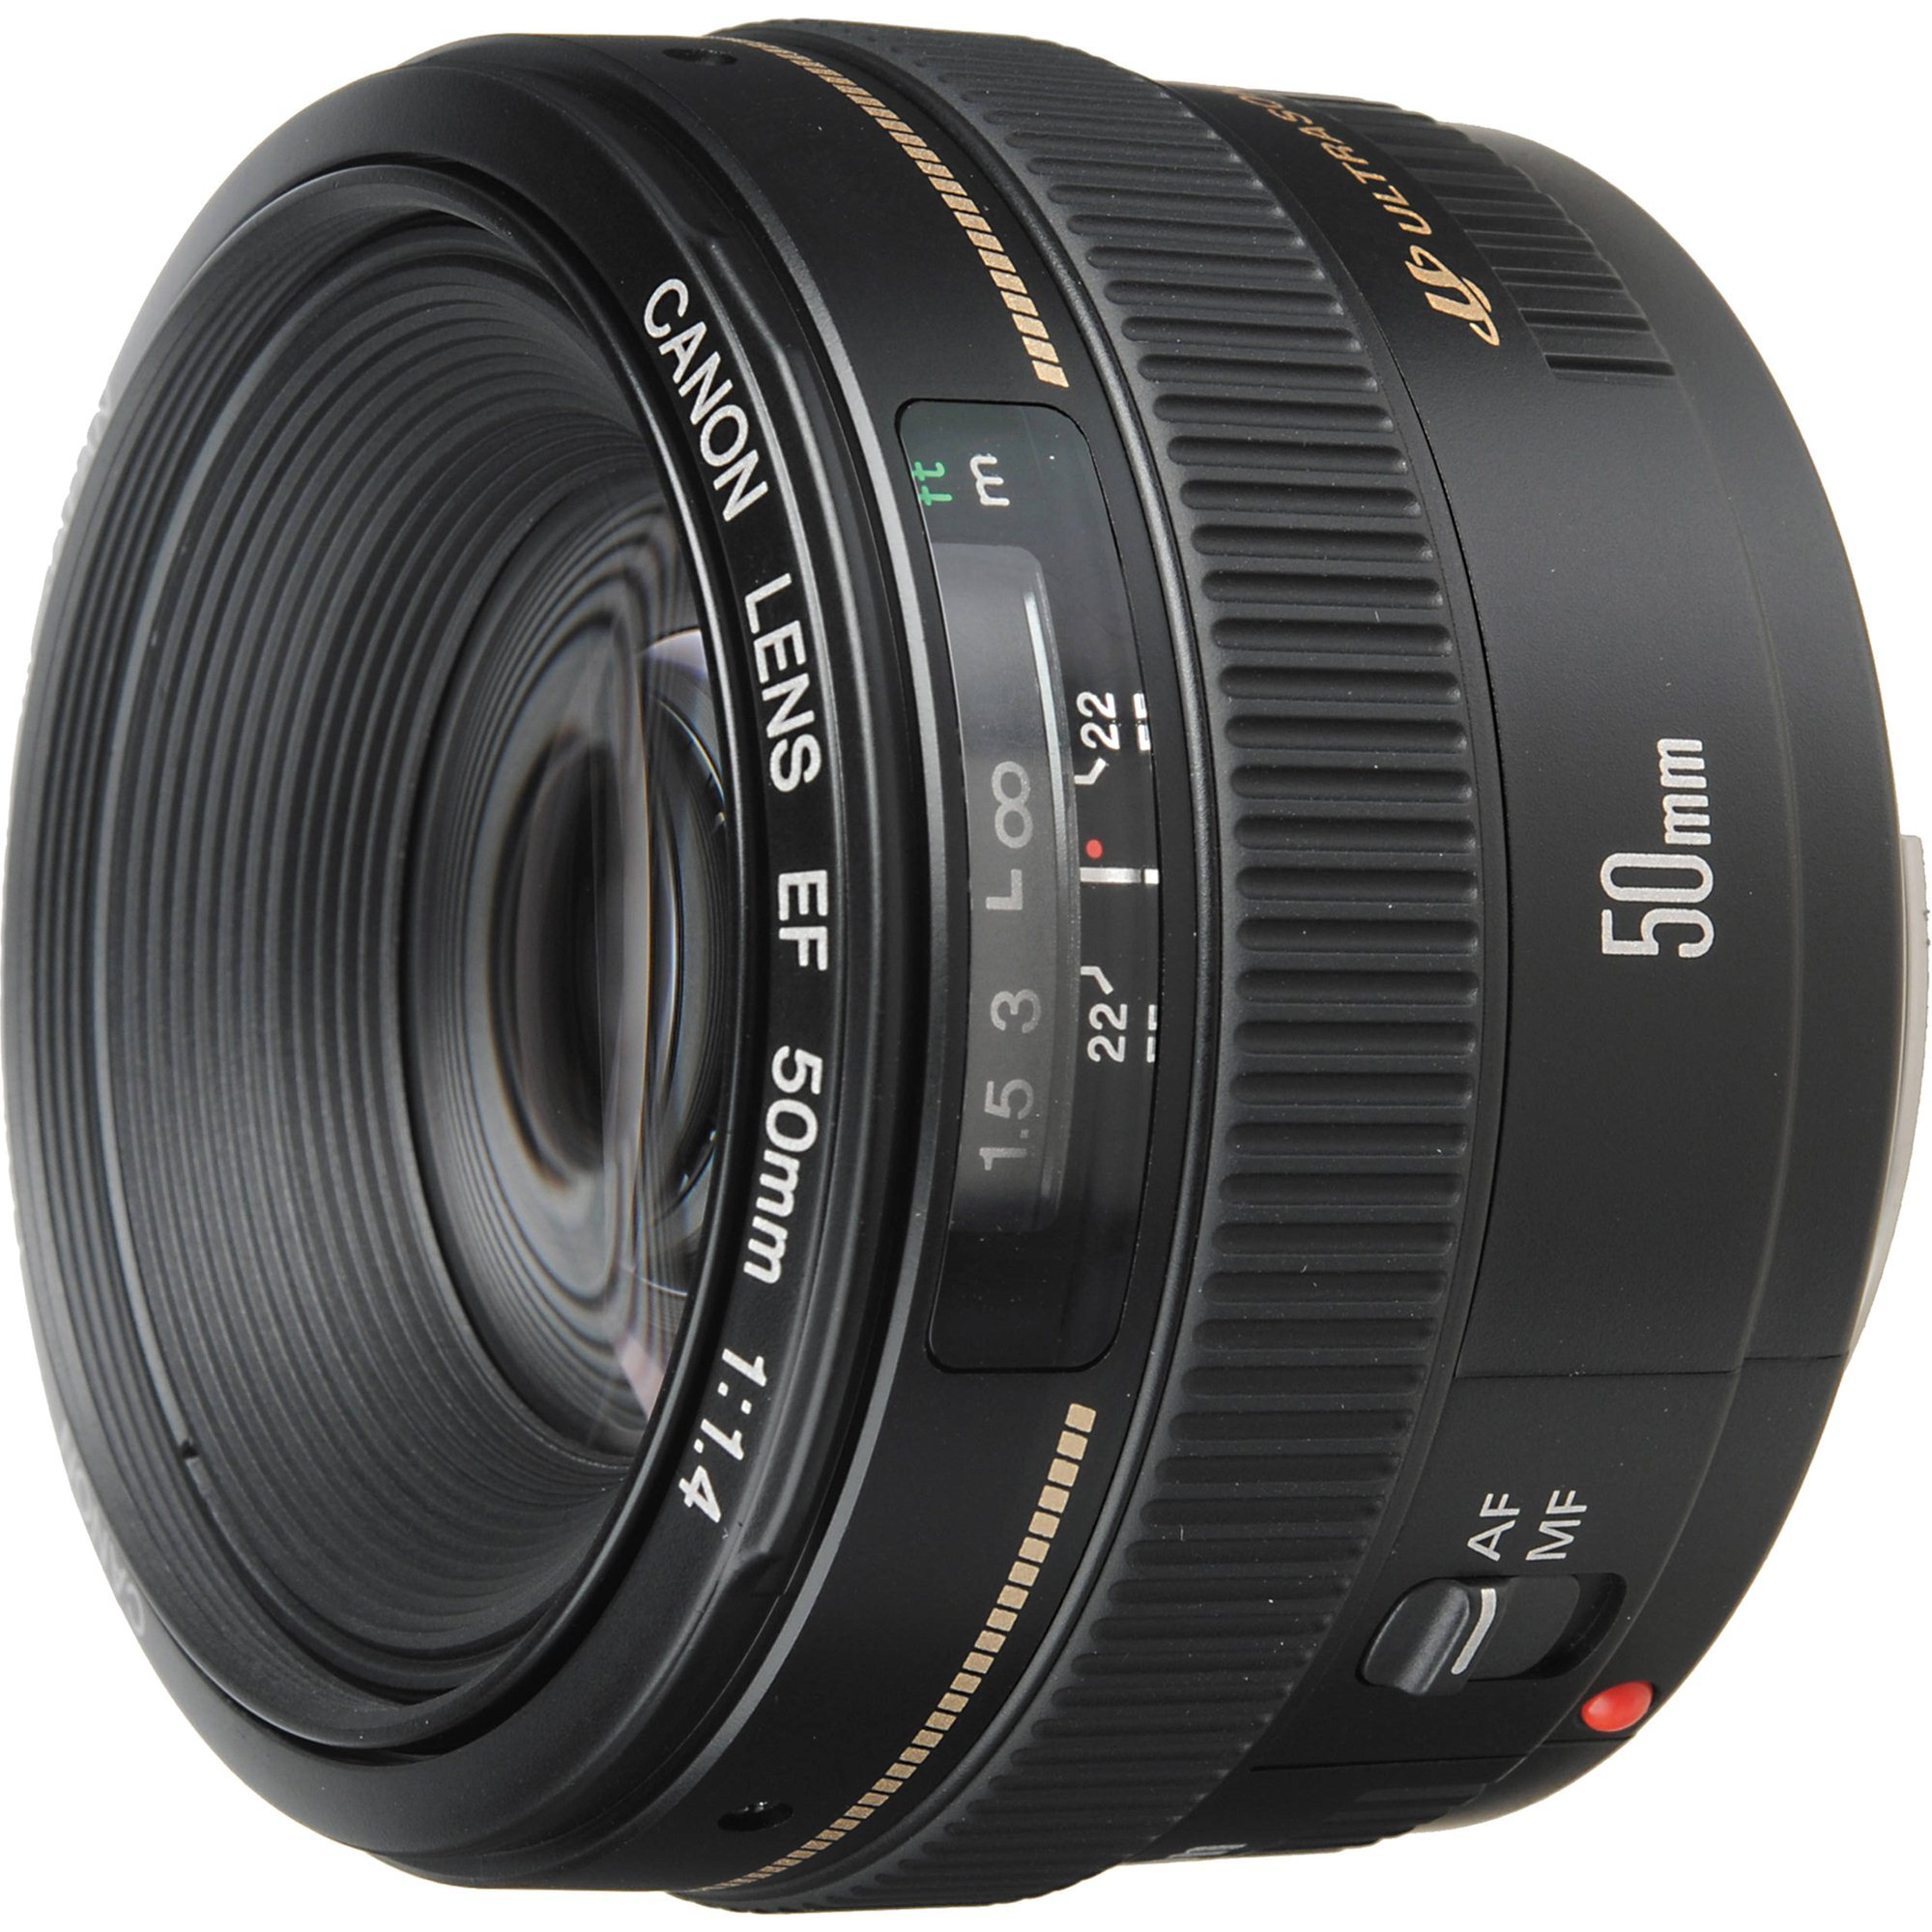 Fotografie Obiectiv foto Canon EF 50mm f/1.4 USM